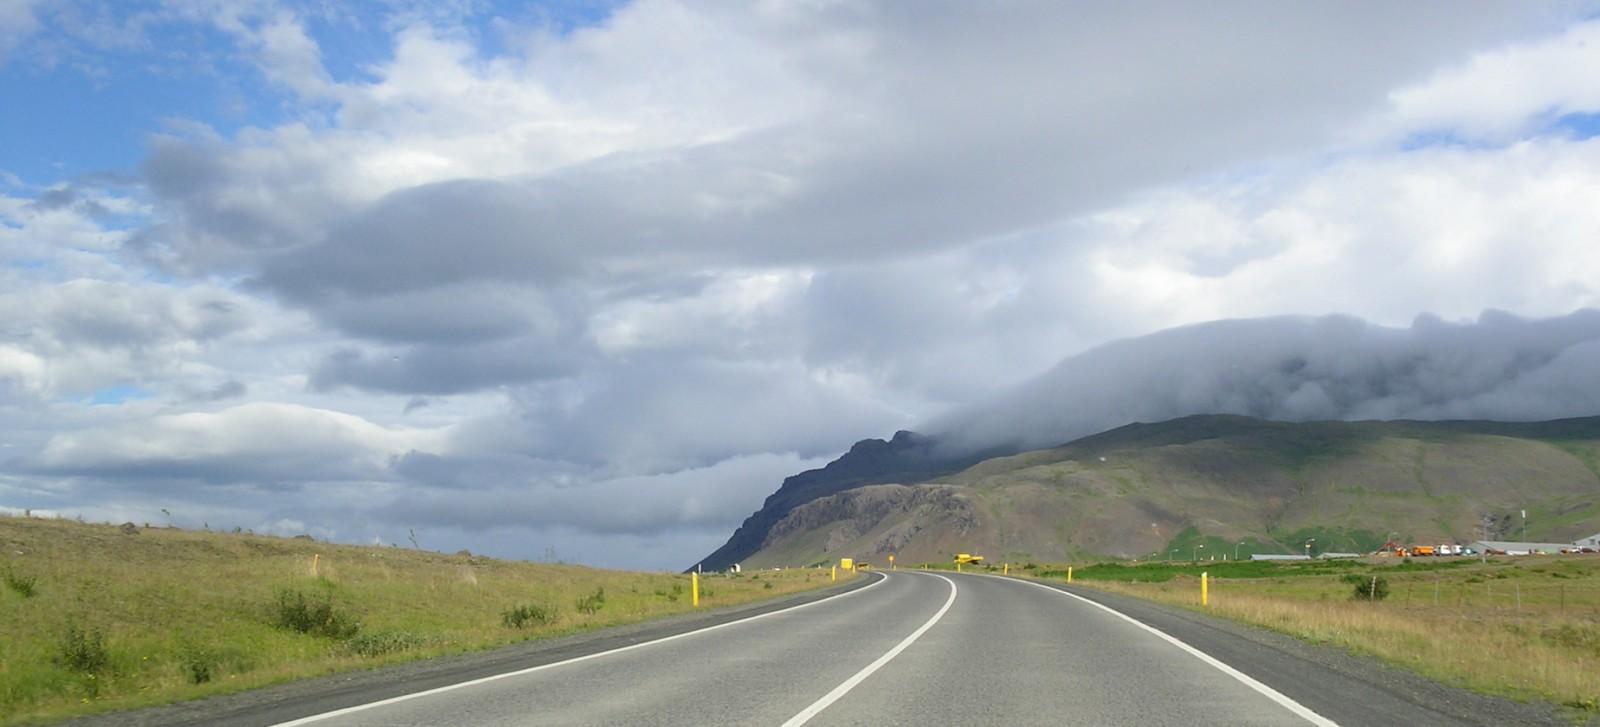 Patstāvīgs brauciens ar automašīnu pa Īslandi